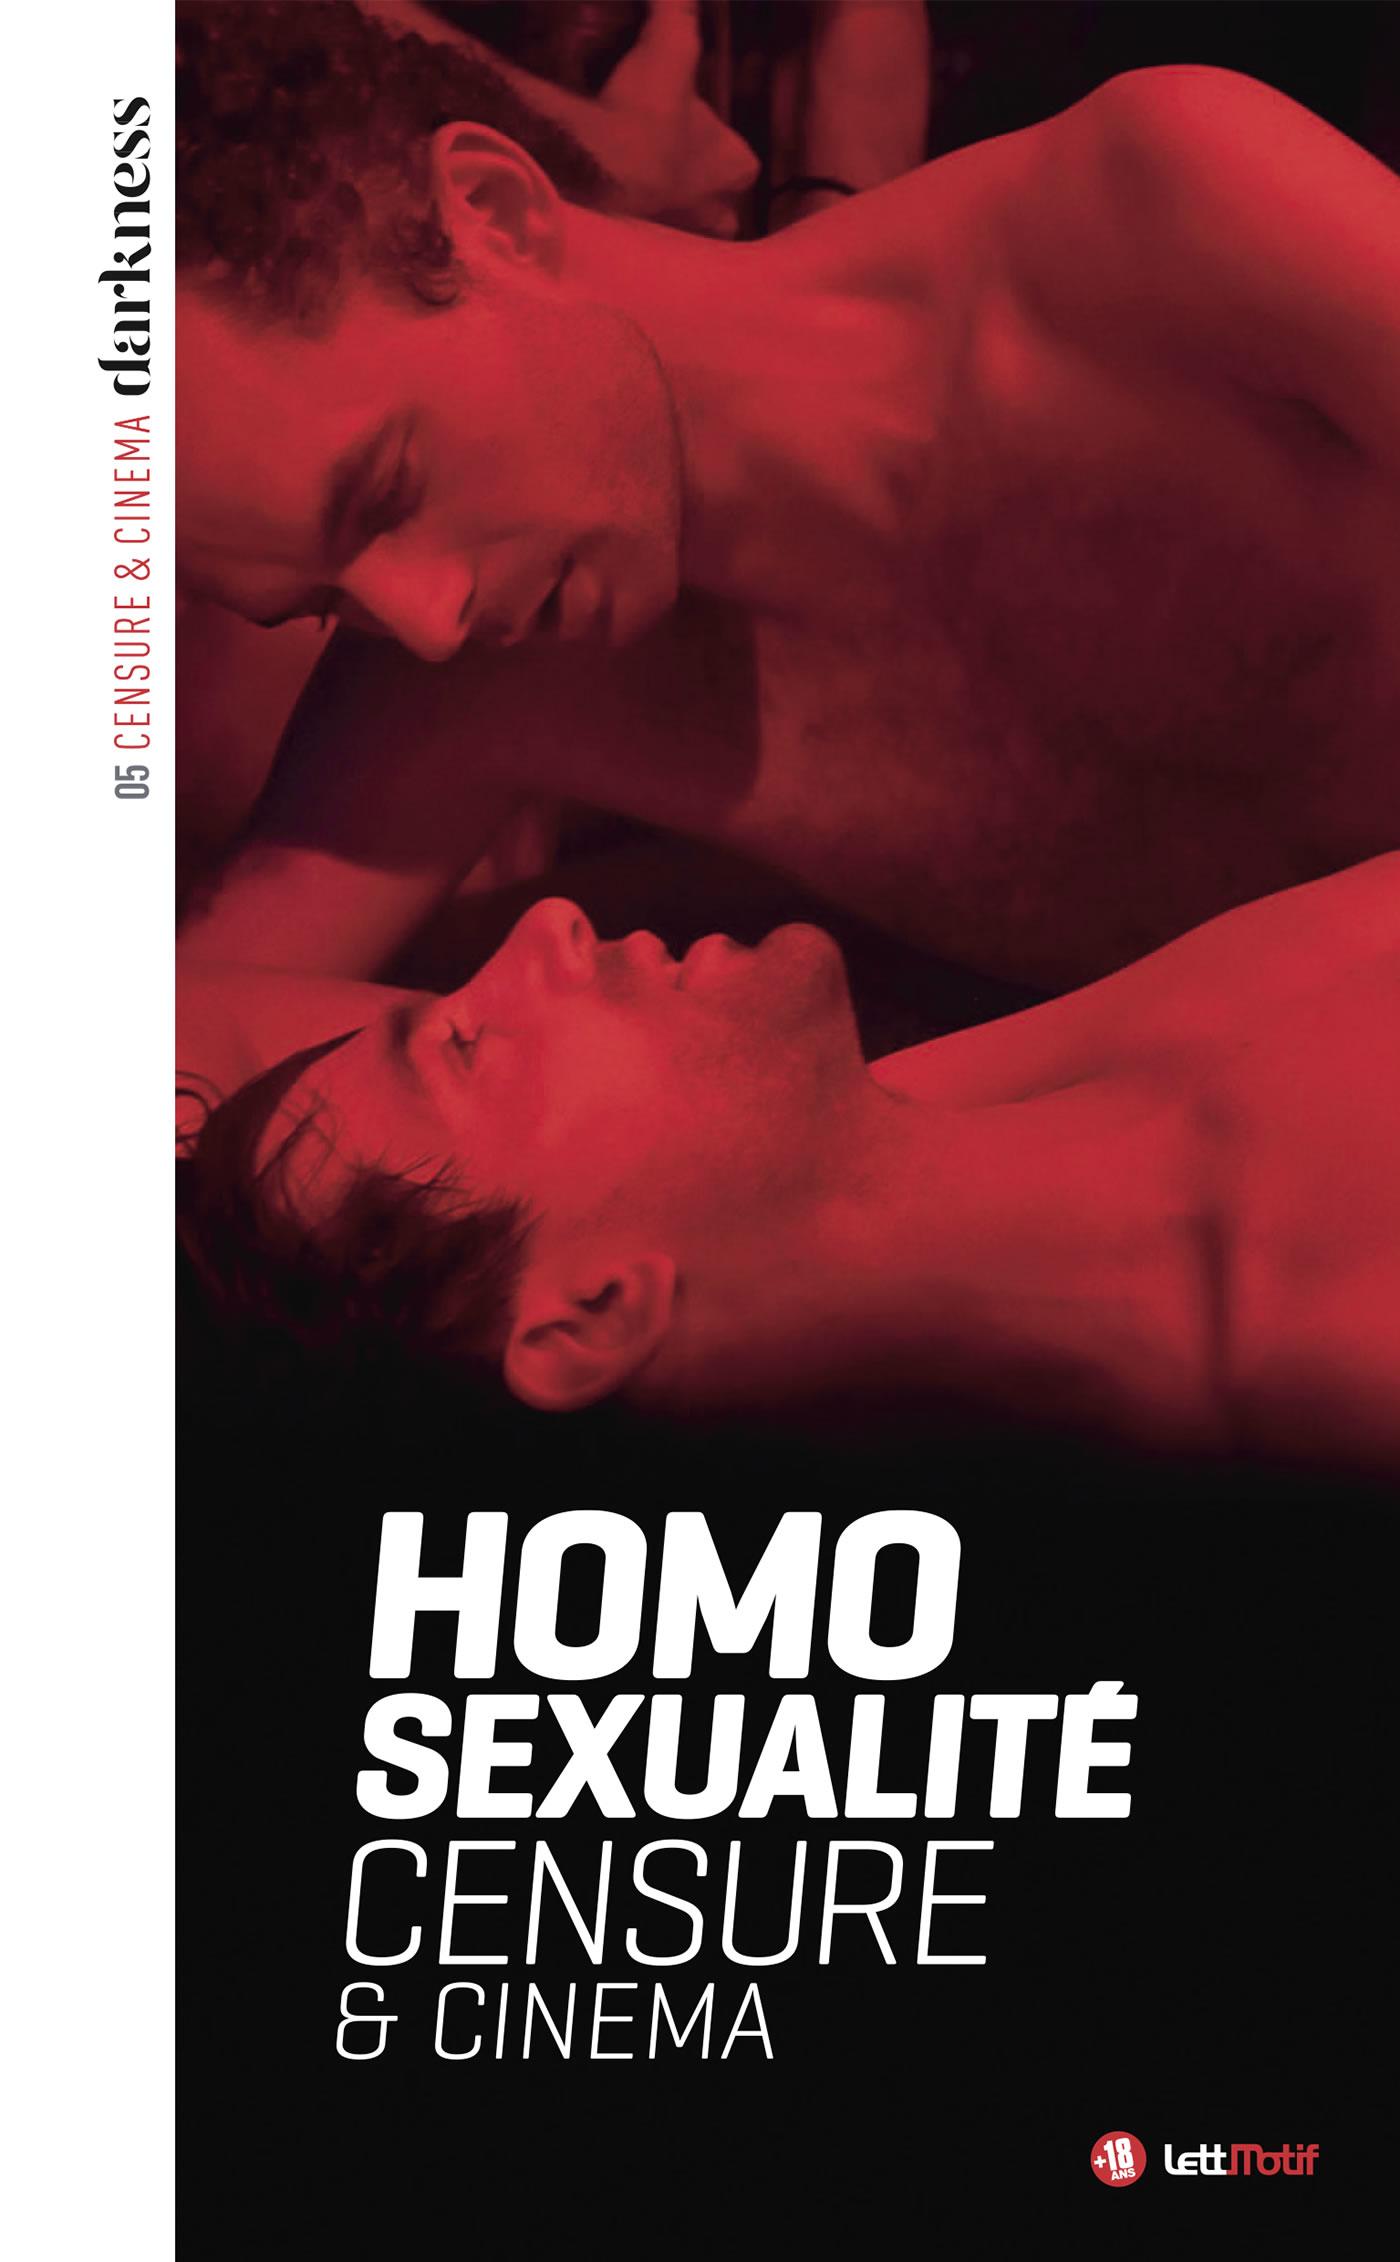 Vignette du livre Darkness 5 (Homosexualité, censure et cinéma)